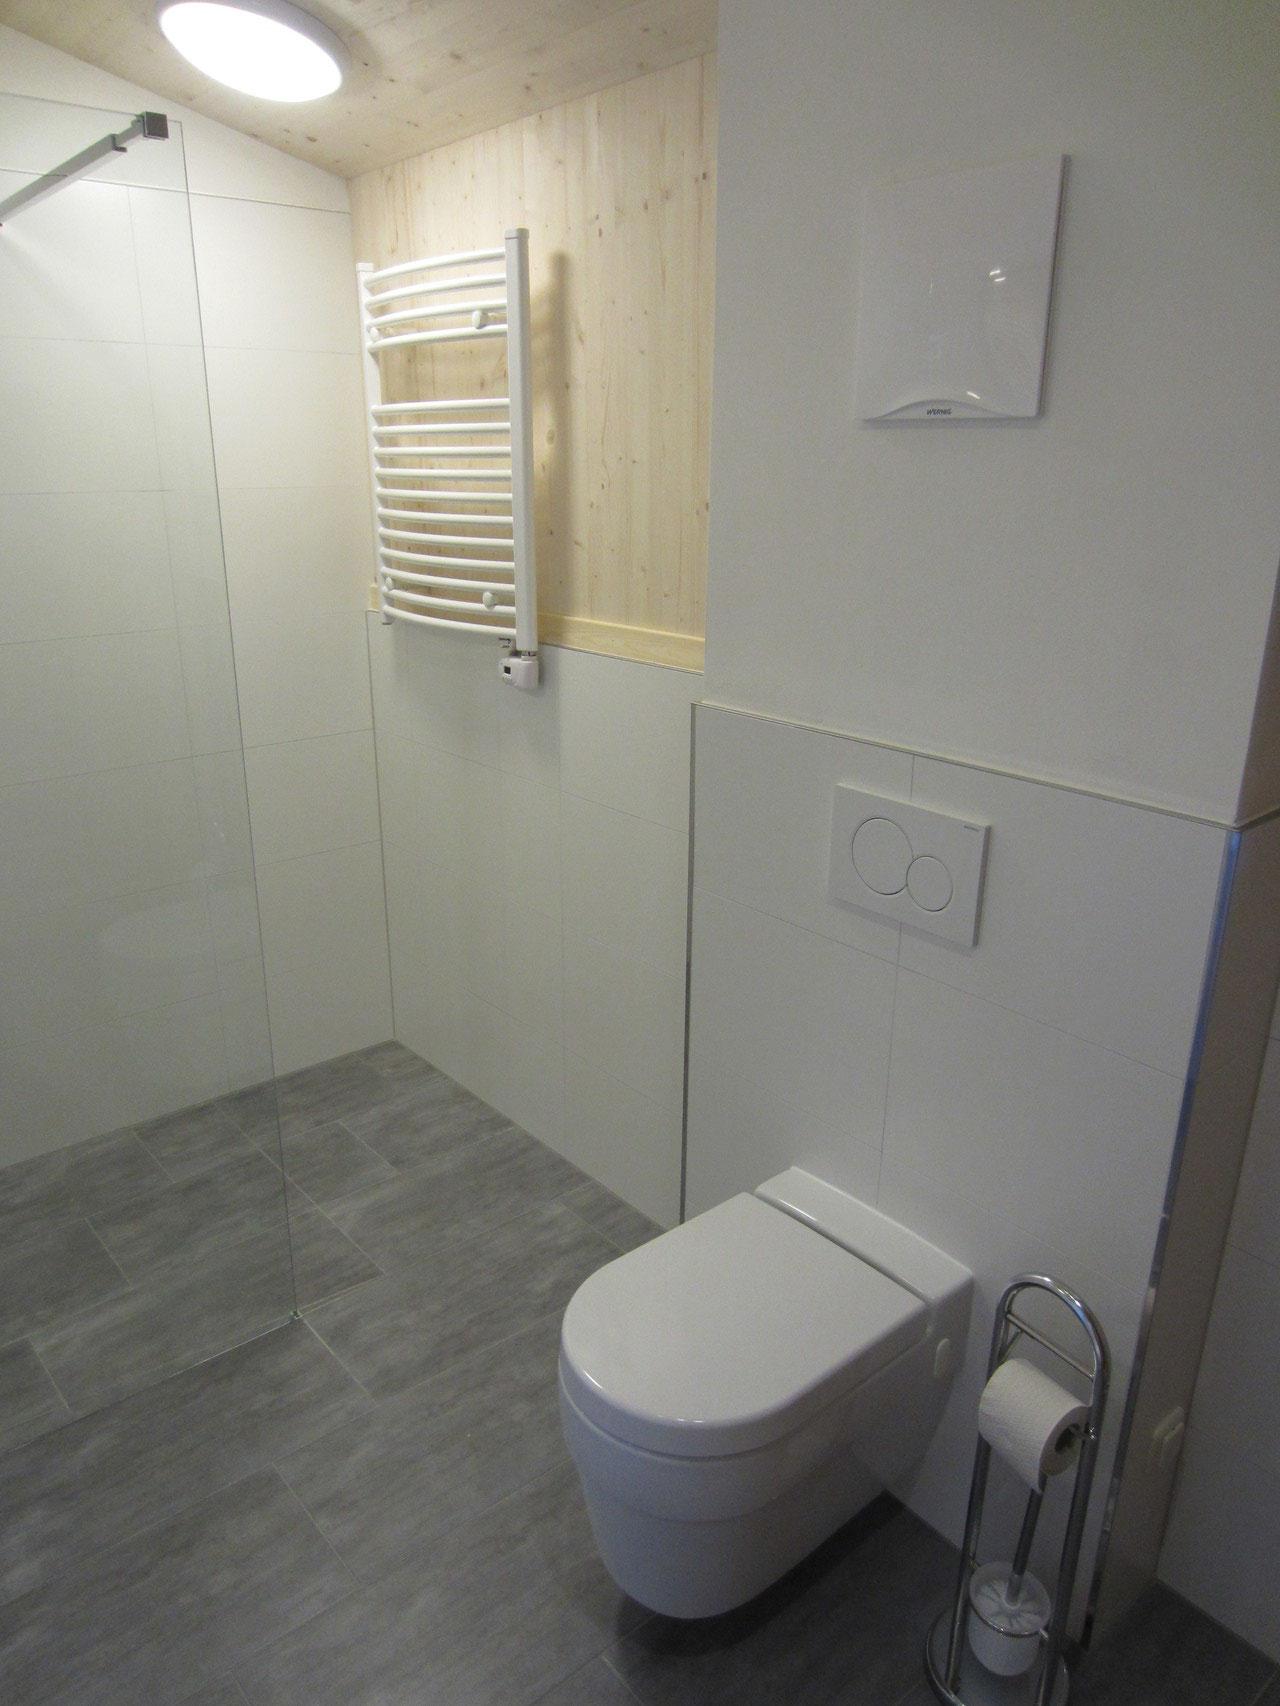 Toilette und Handtuchheizkörper